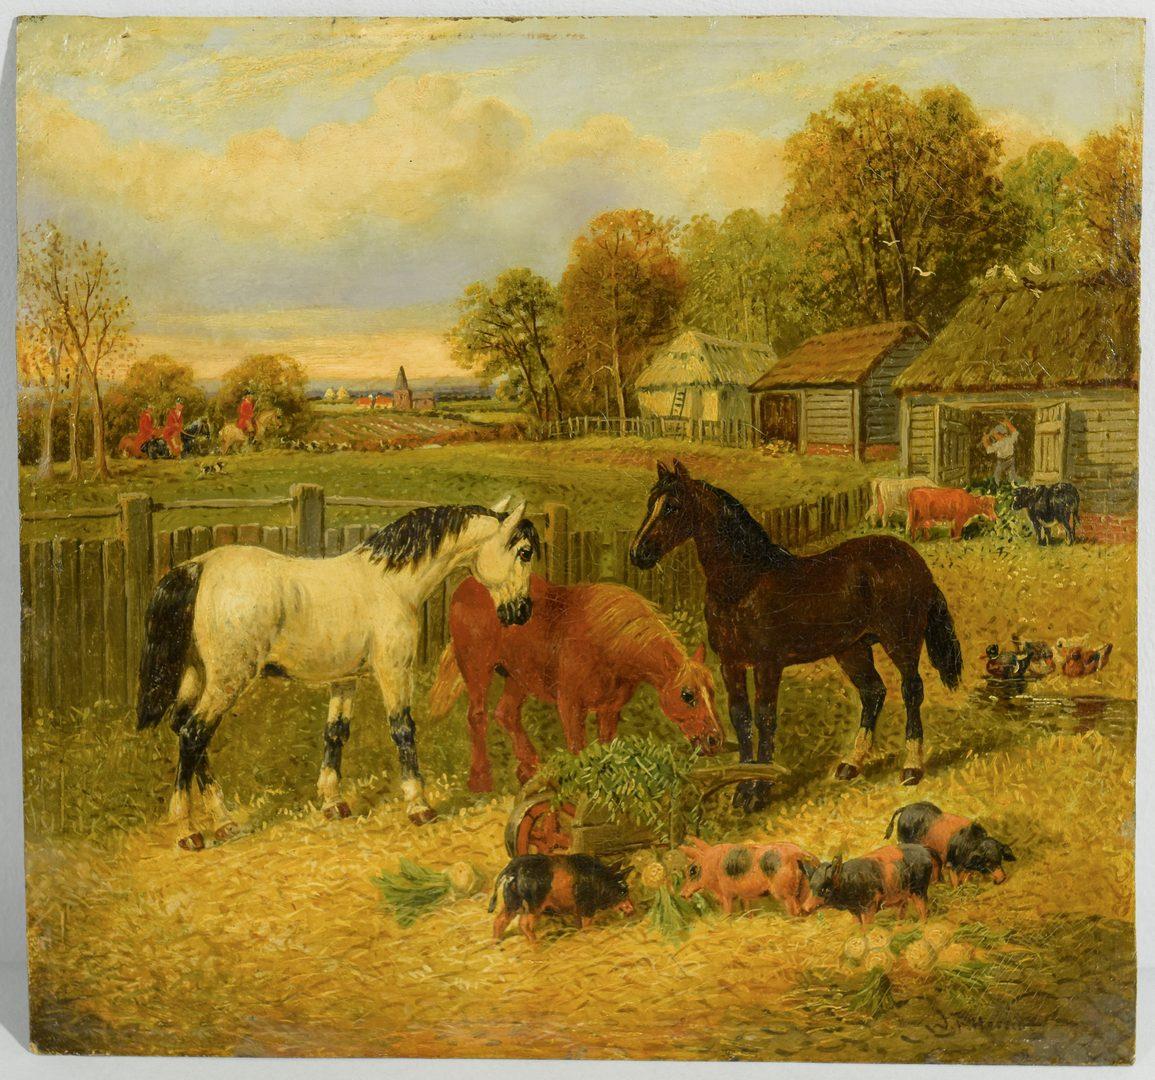 Lot 88: J.F. Herring, Jr. Oil on Board, Farm Yard